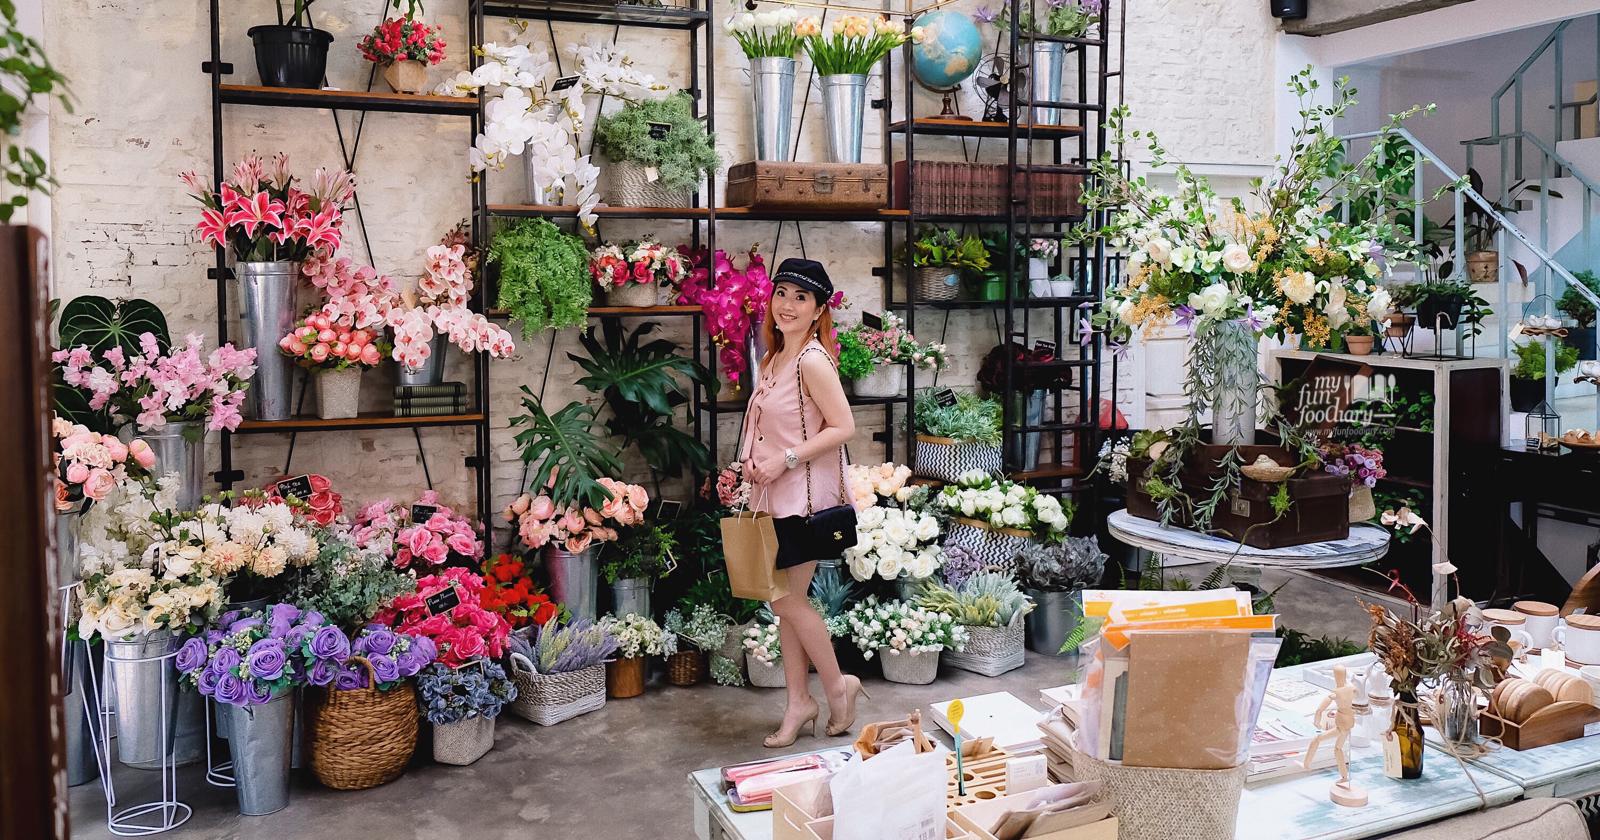 NEW] Onni House Jakarta - Flower Market & Kitchen | myfunfoodiary com